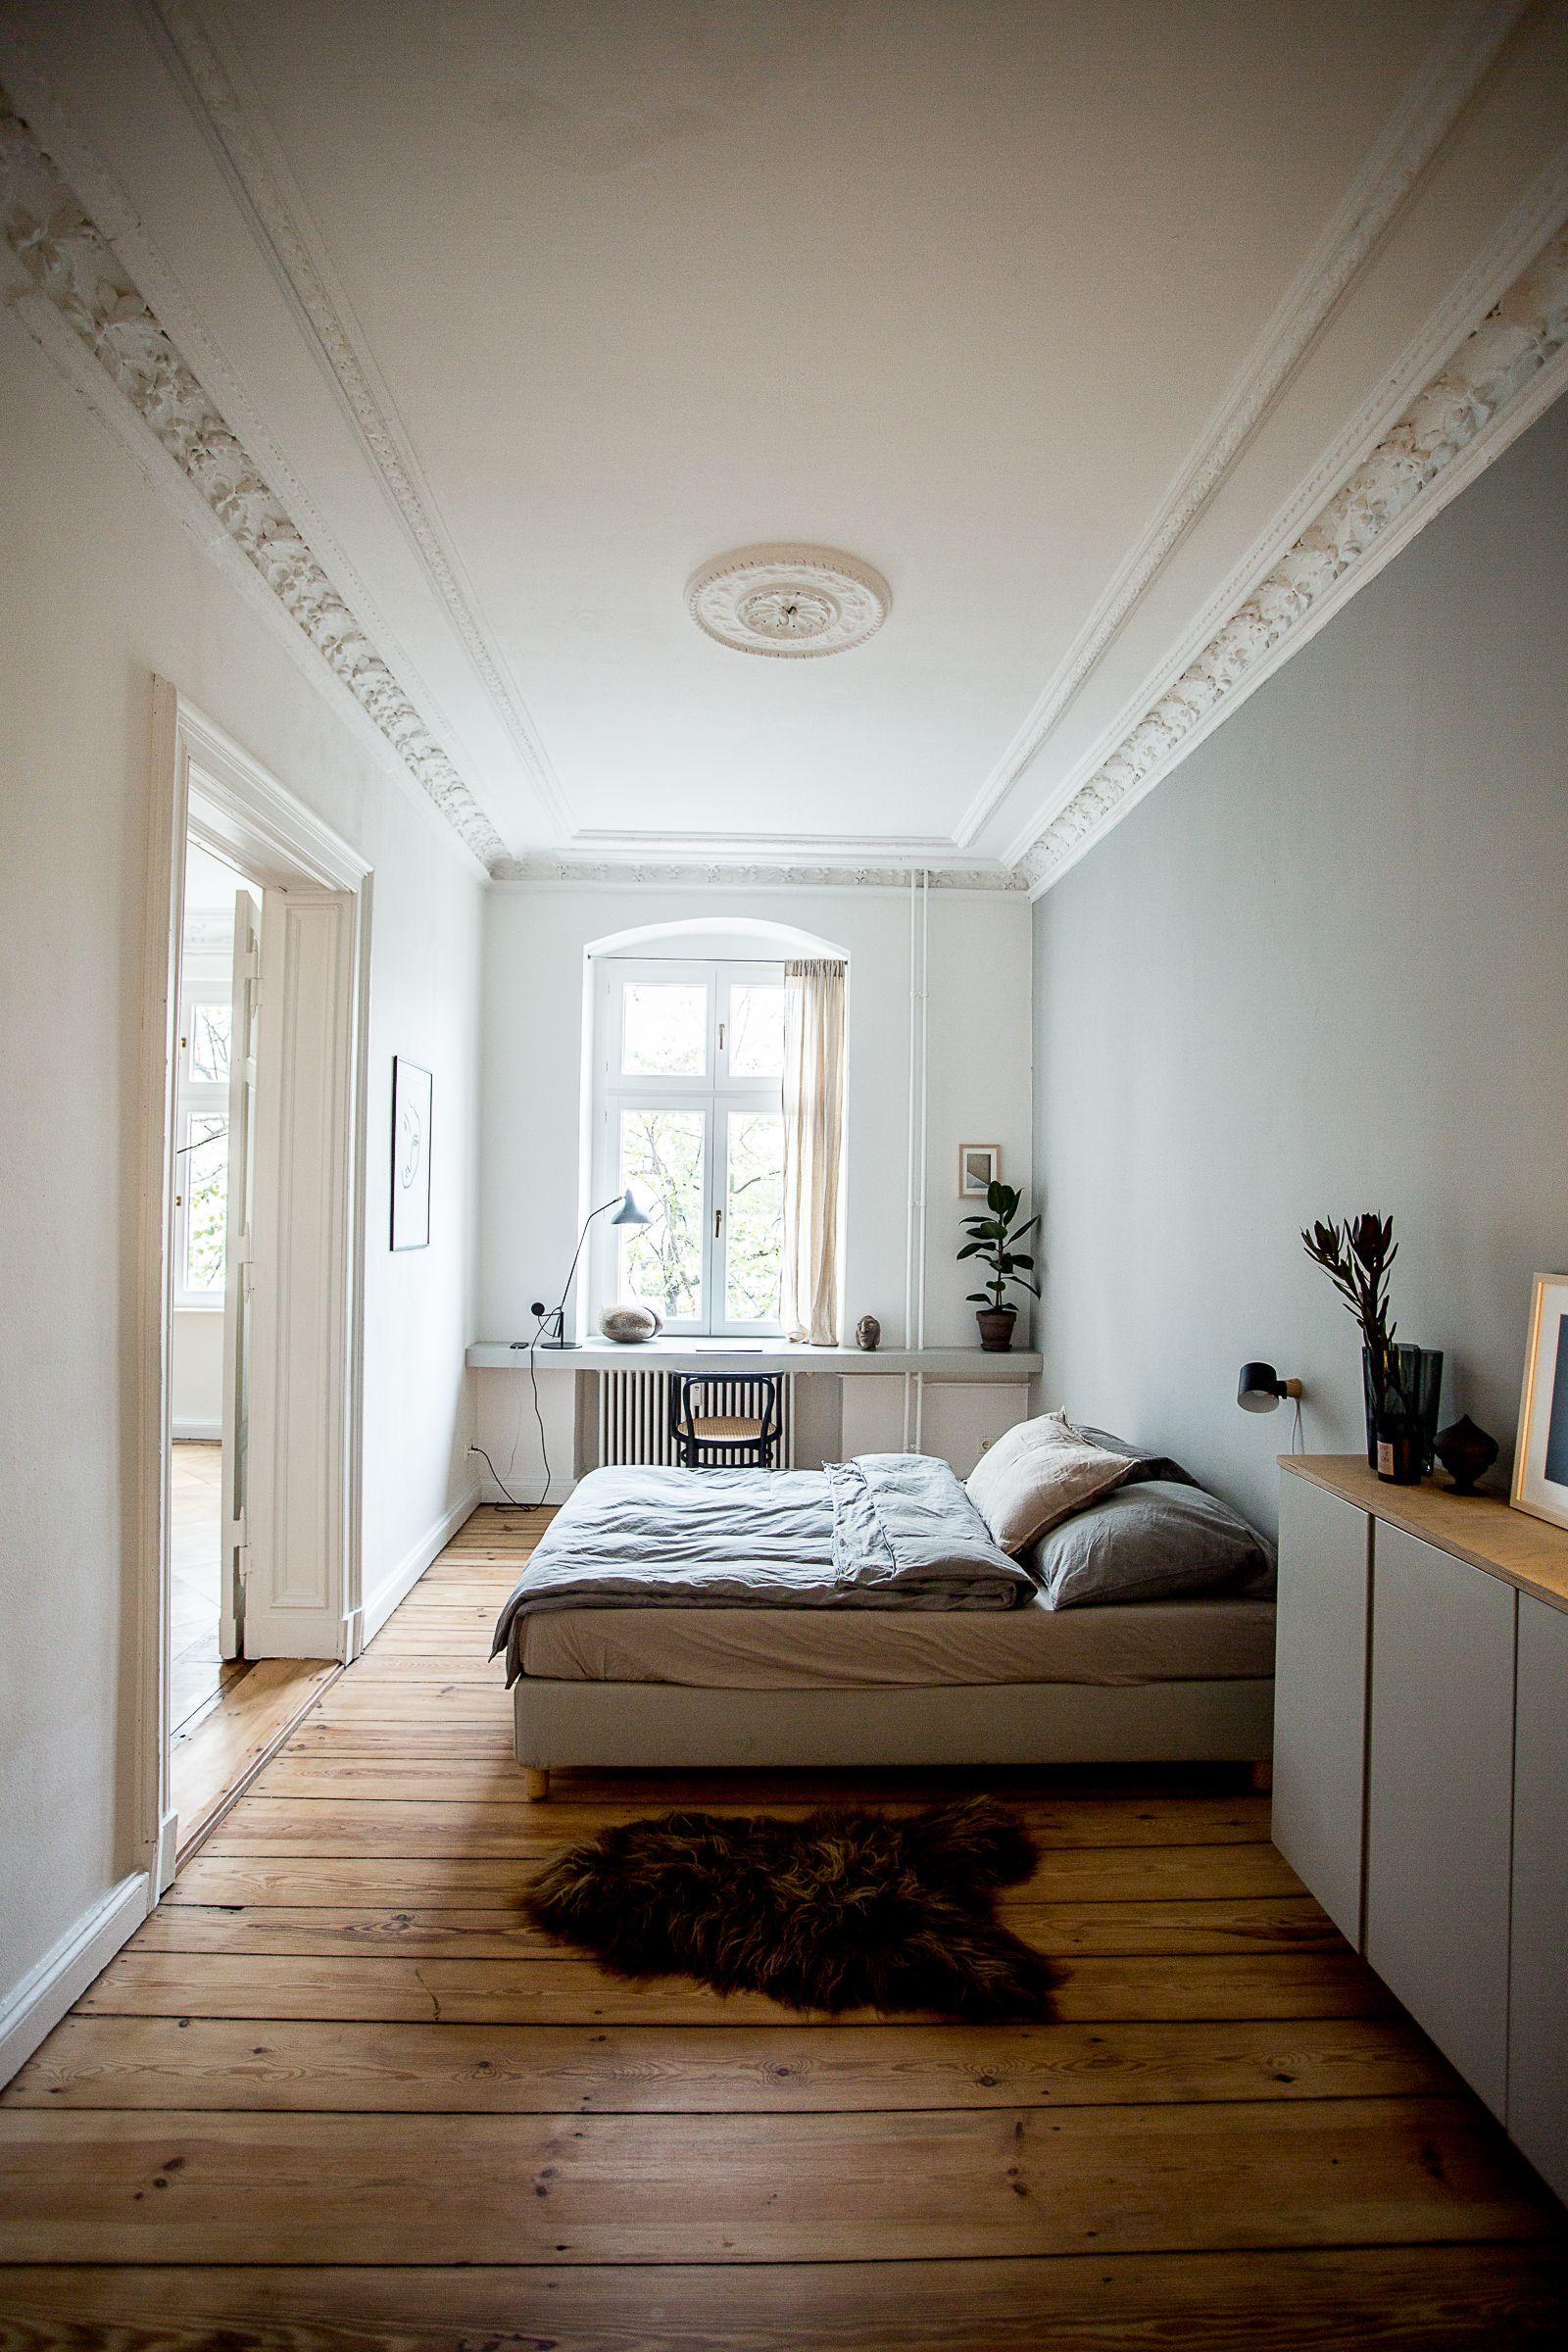 Zu Besuch bei Selina Lauck  Interior  Pinterest  Altbau schlafzimmer Schmales schlafzimmer